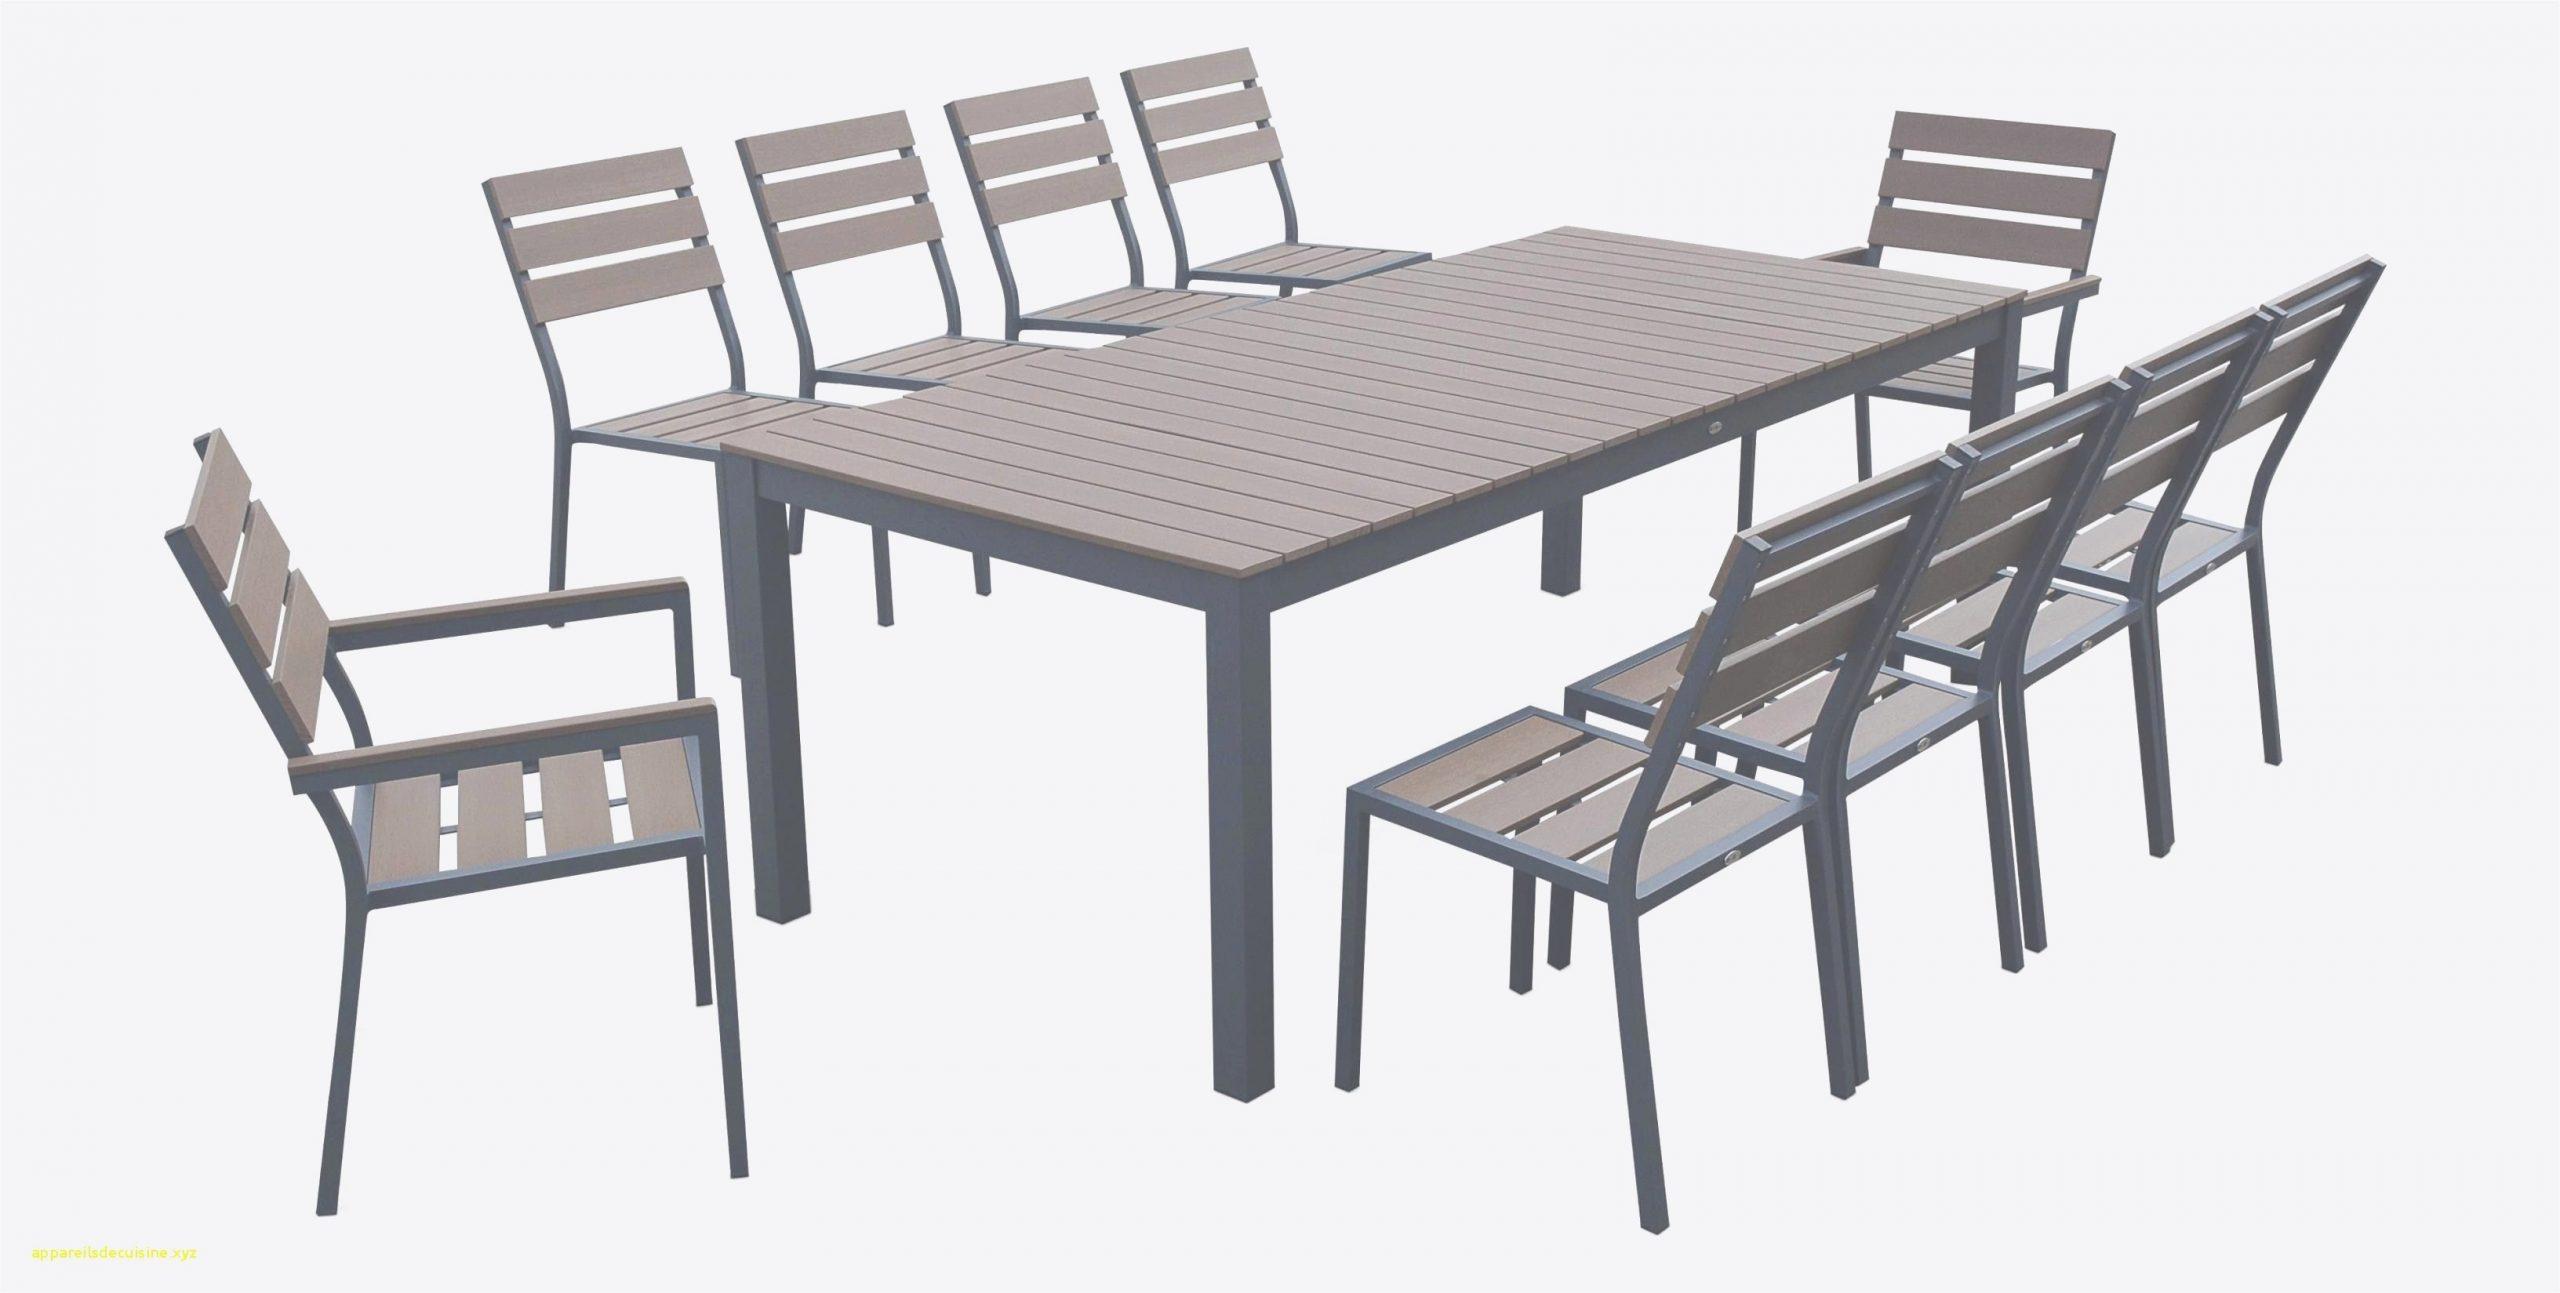 Meubles Carrefour Soldes Table Basse De Jardin Pas Cher ... tout Table Et Chaise De Jardin Solde